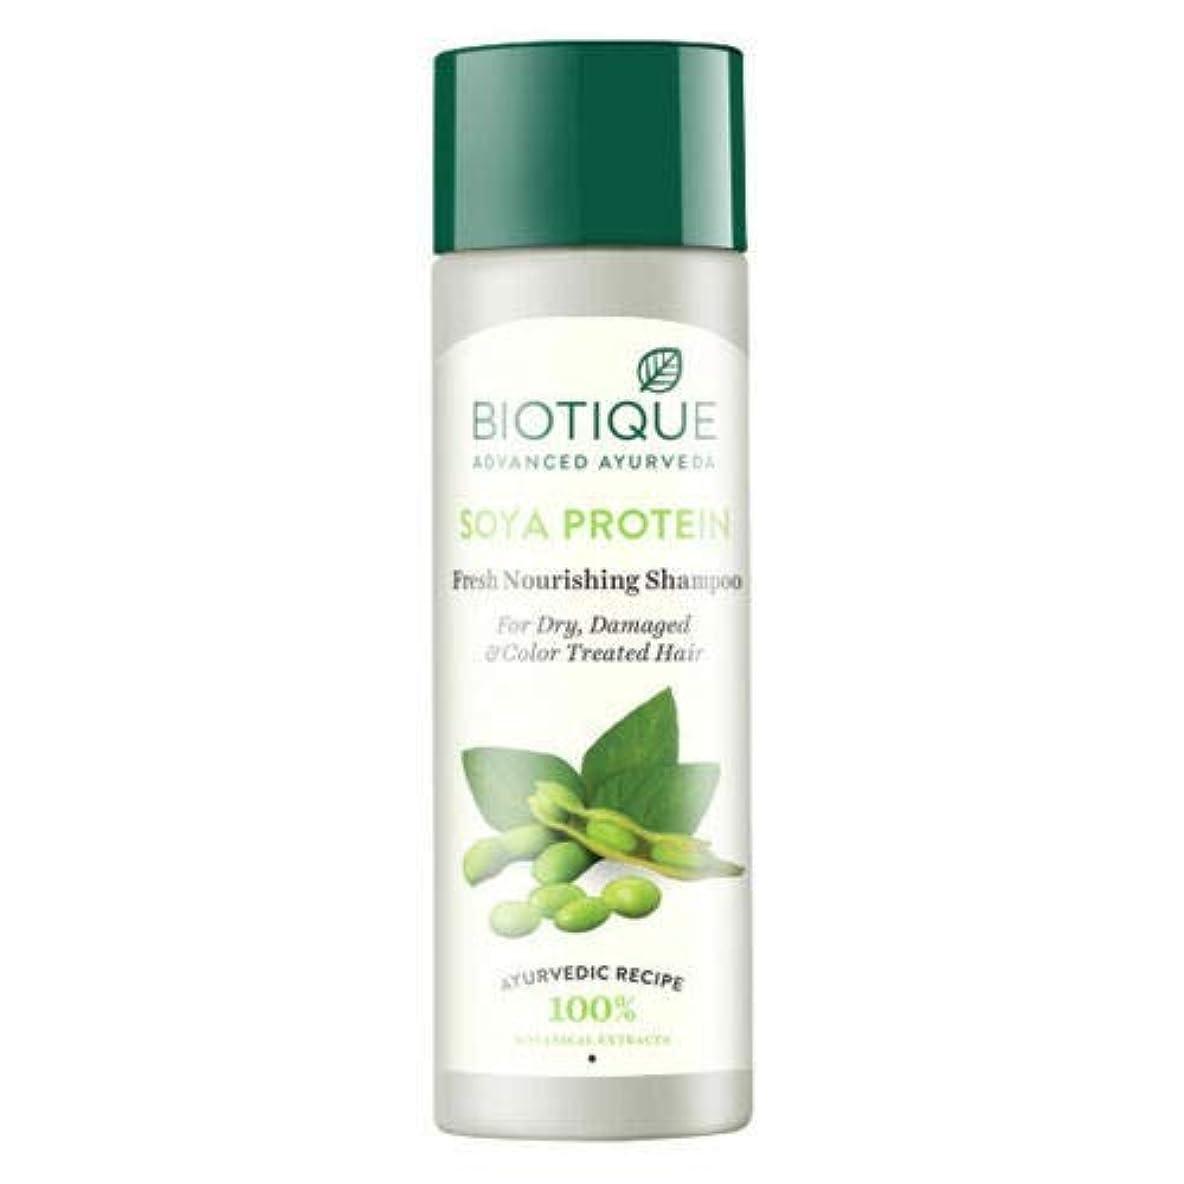 縞模様の機転アクチュエータBiotique Bio Soya Protein Fresh Nourishing Shampoo (190 ml) For Dry Hairs 乾いた毛のためのBiotiqueバイオ大豆タンパク質新鮮な栄養シャンプー